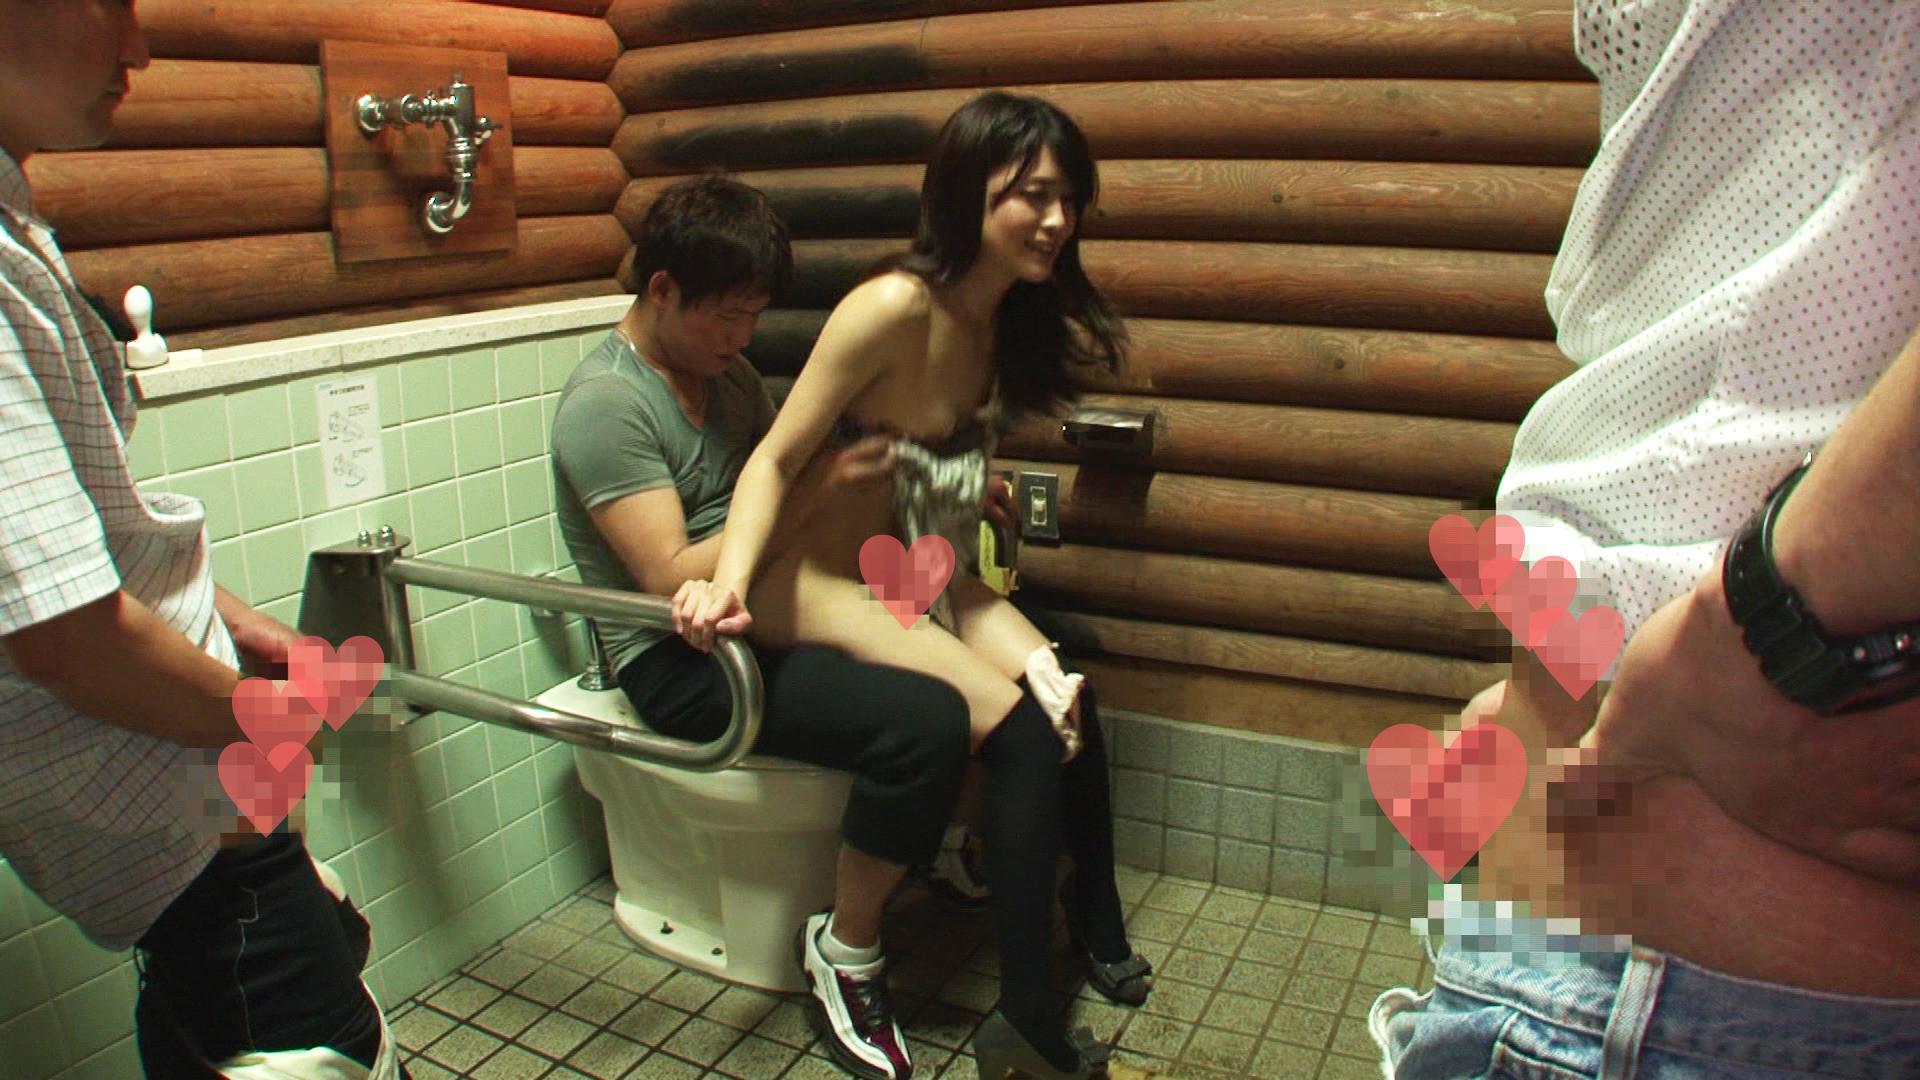 夫がいる身でありながら公衆トイレや車の中でヤラせてくれる若奥さんは生身のオモチャですっ!! 画像3